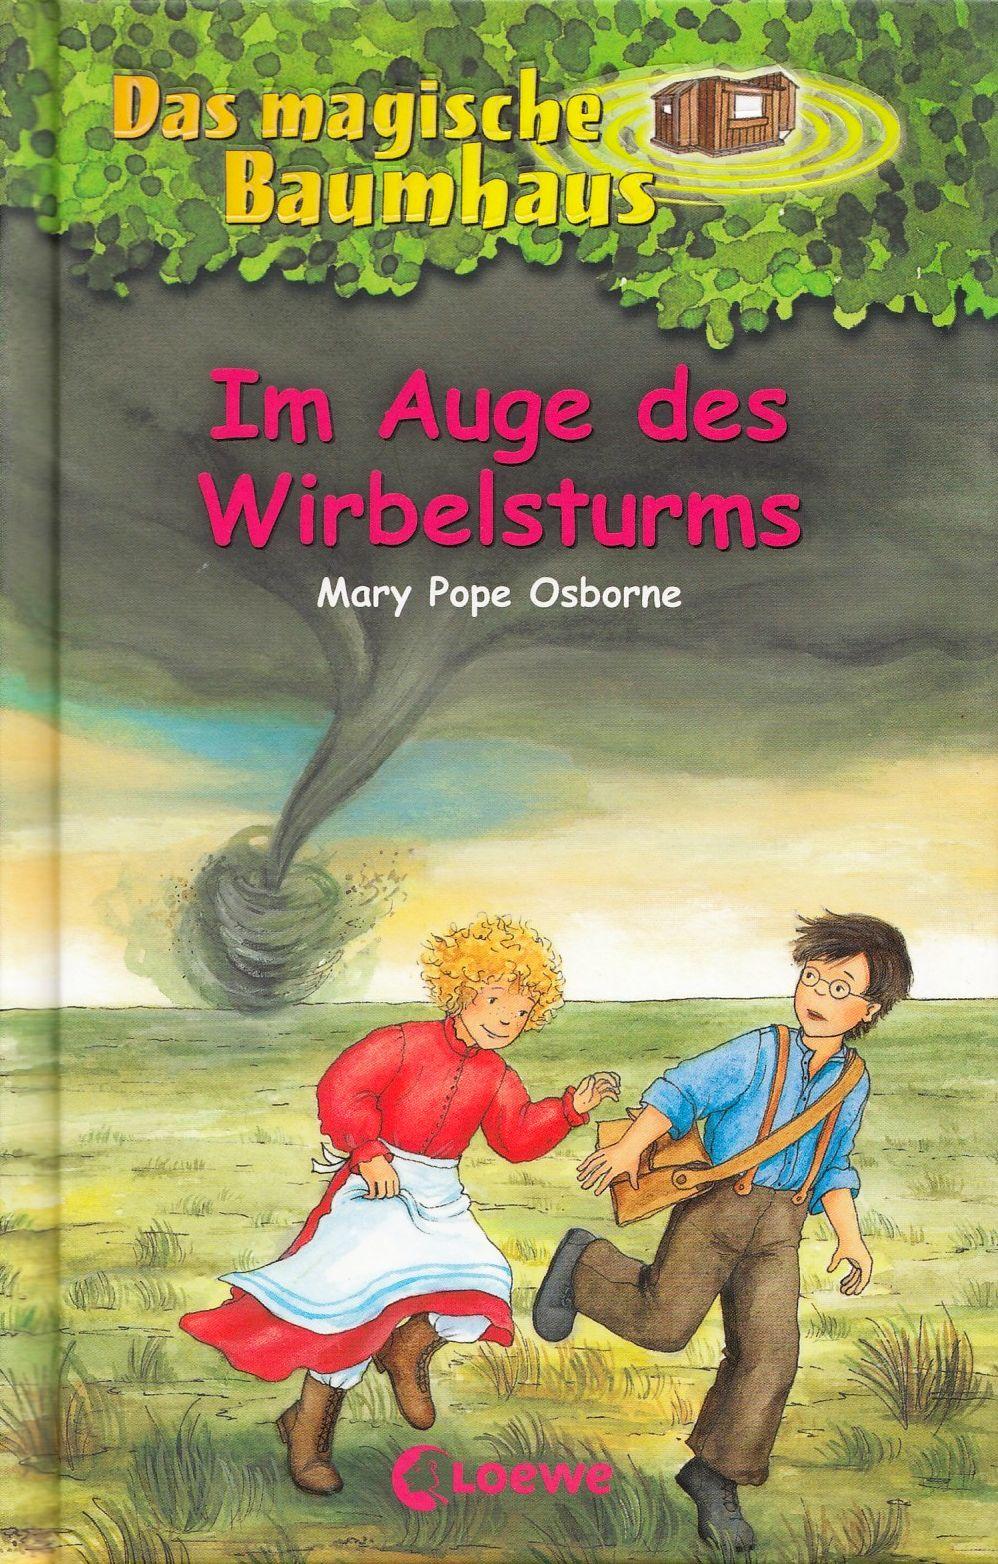 Das magische Baumhaus (Bd. 20): Im Auge des Wirbelsturms - Mary Pope Osborne